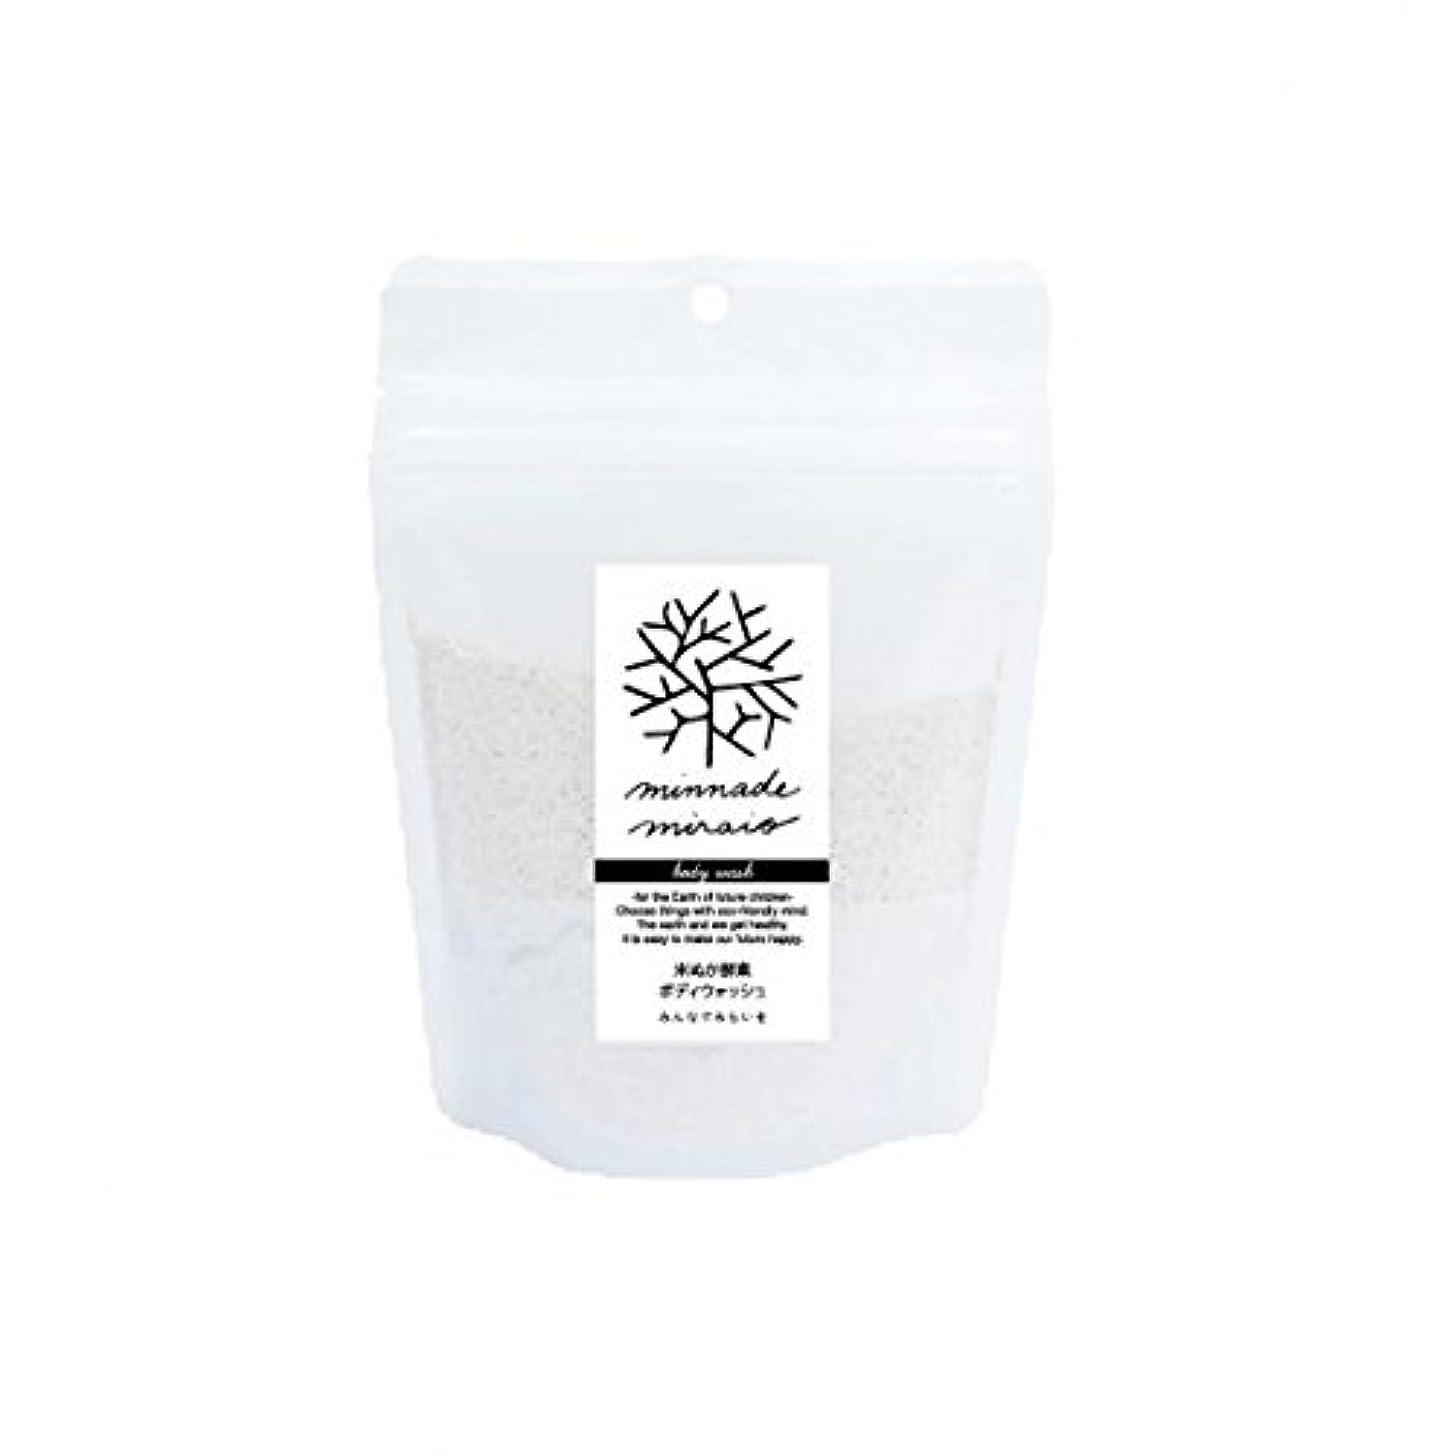 遺棄された審判うなるみんなでみらいを 100%無添加 米ぬか酵素ボディウォッシュ 詰替用 130g×3袋